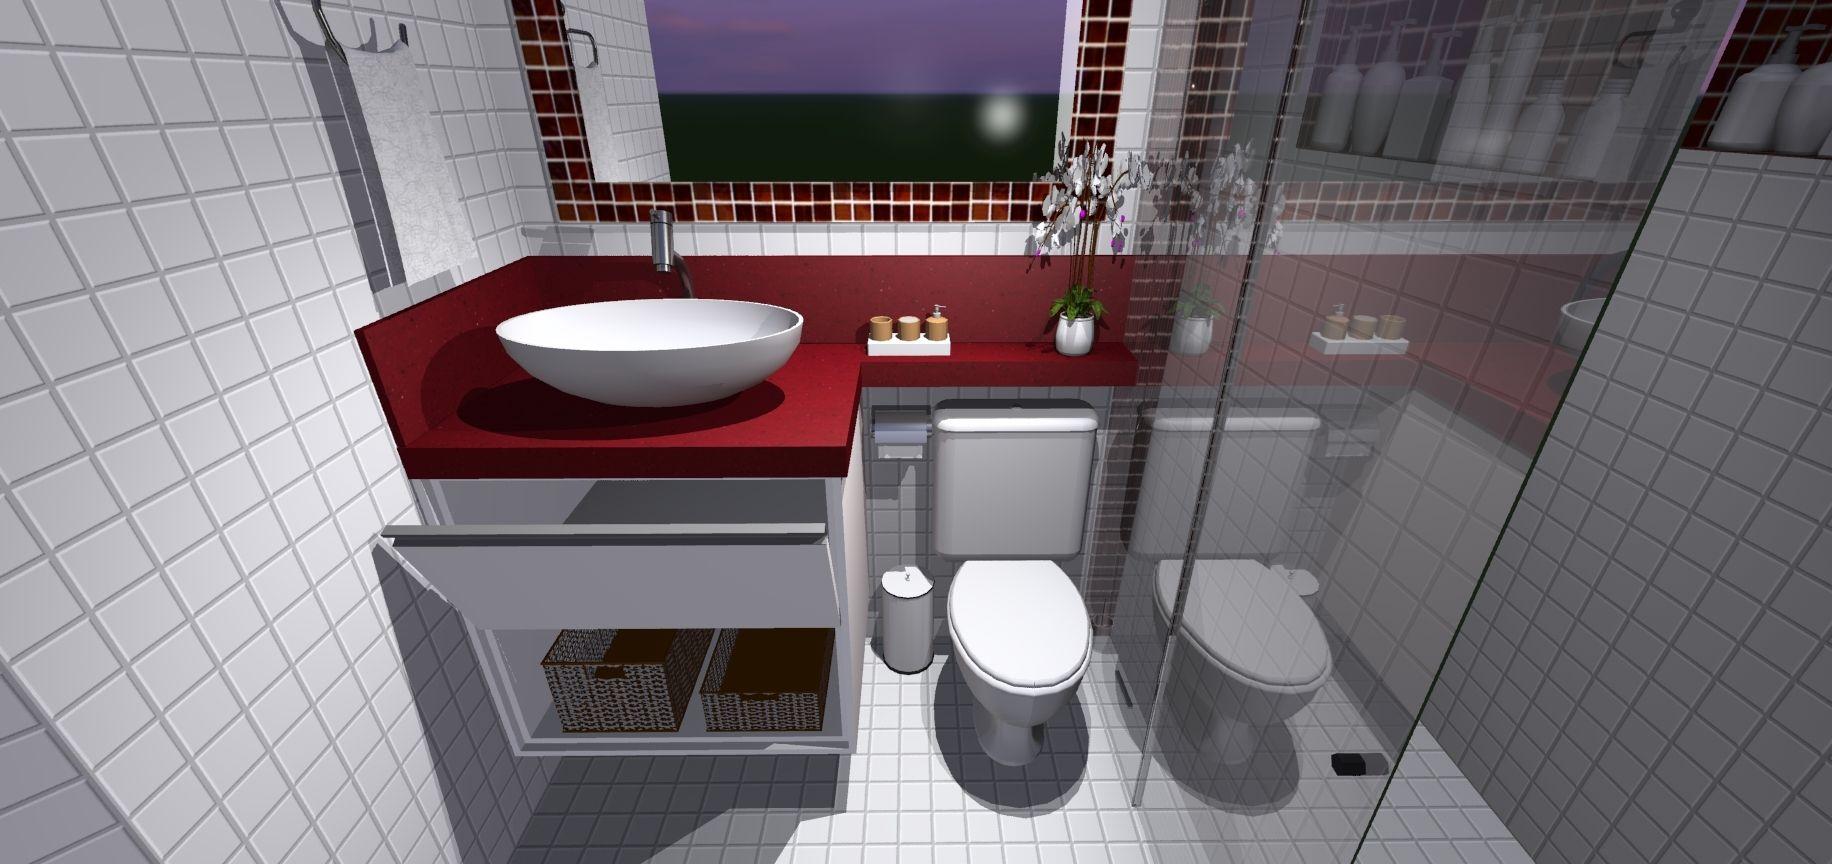 Dormitorio  Galeria de Projetos Promob  lavabos  Pinterest  Banheiro pequ -> Projeto De Banheiro Muito Pequeno